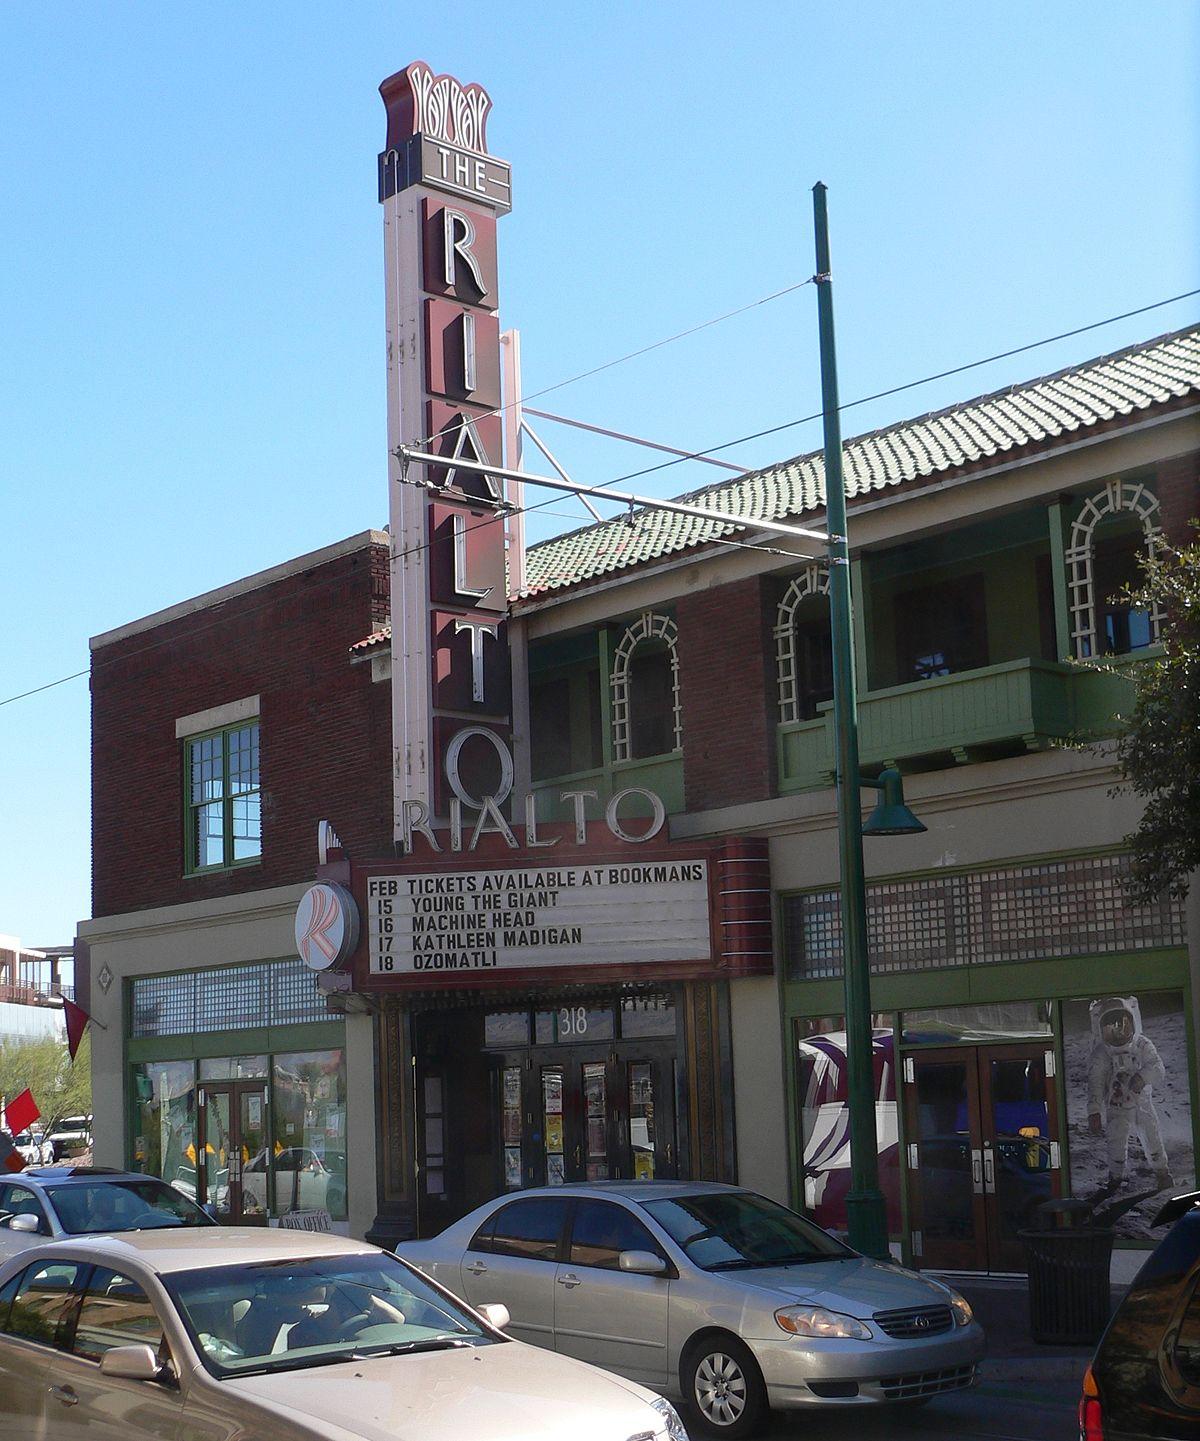 rialto theatre tucson arizona wikipedia